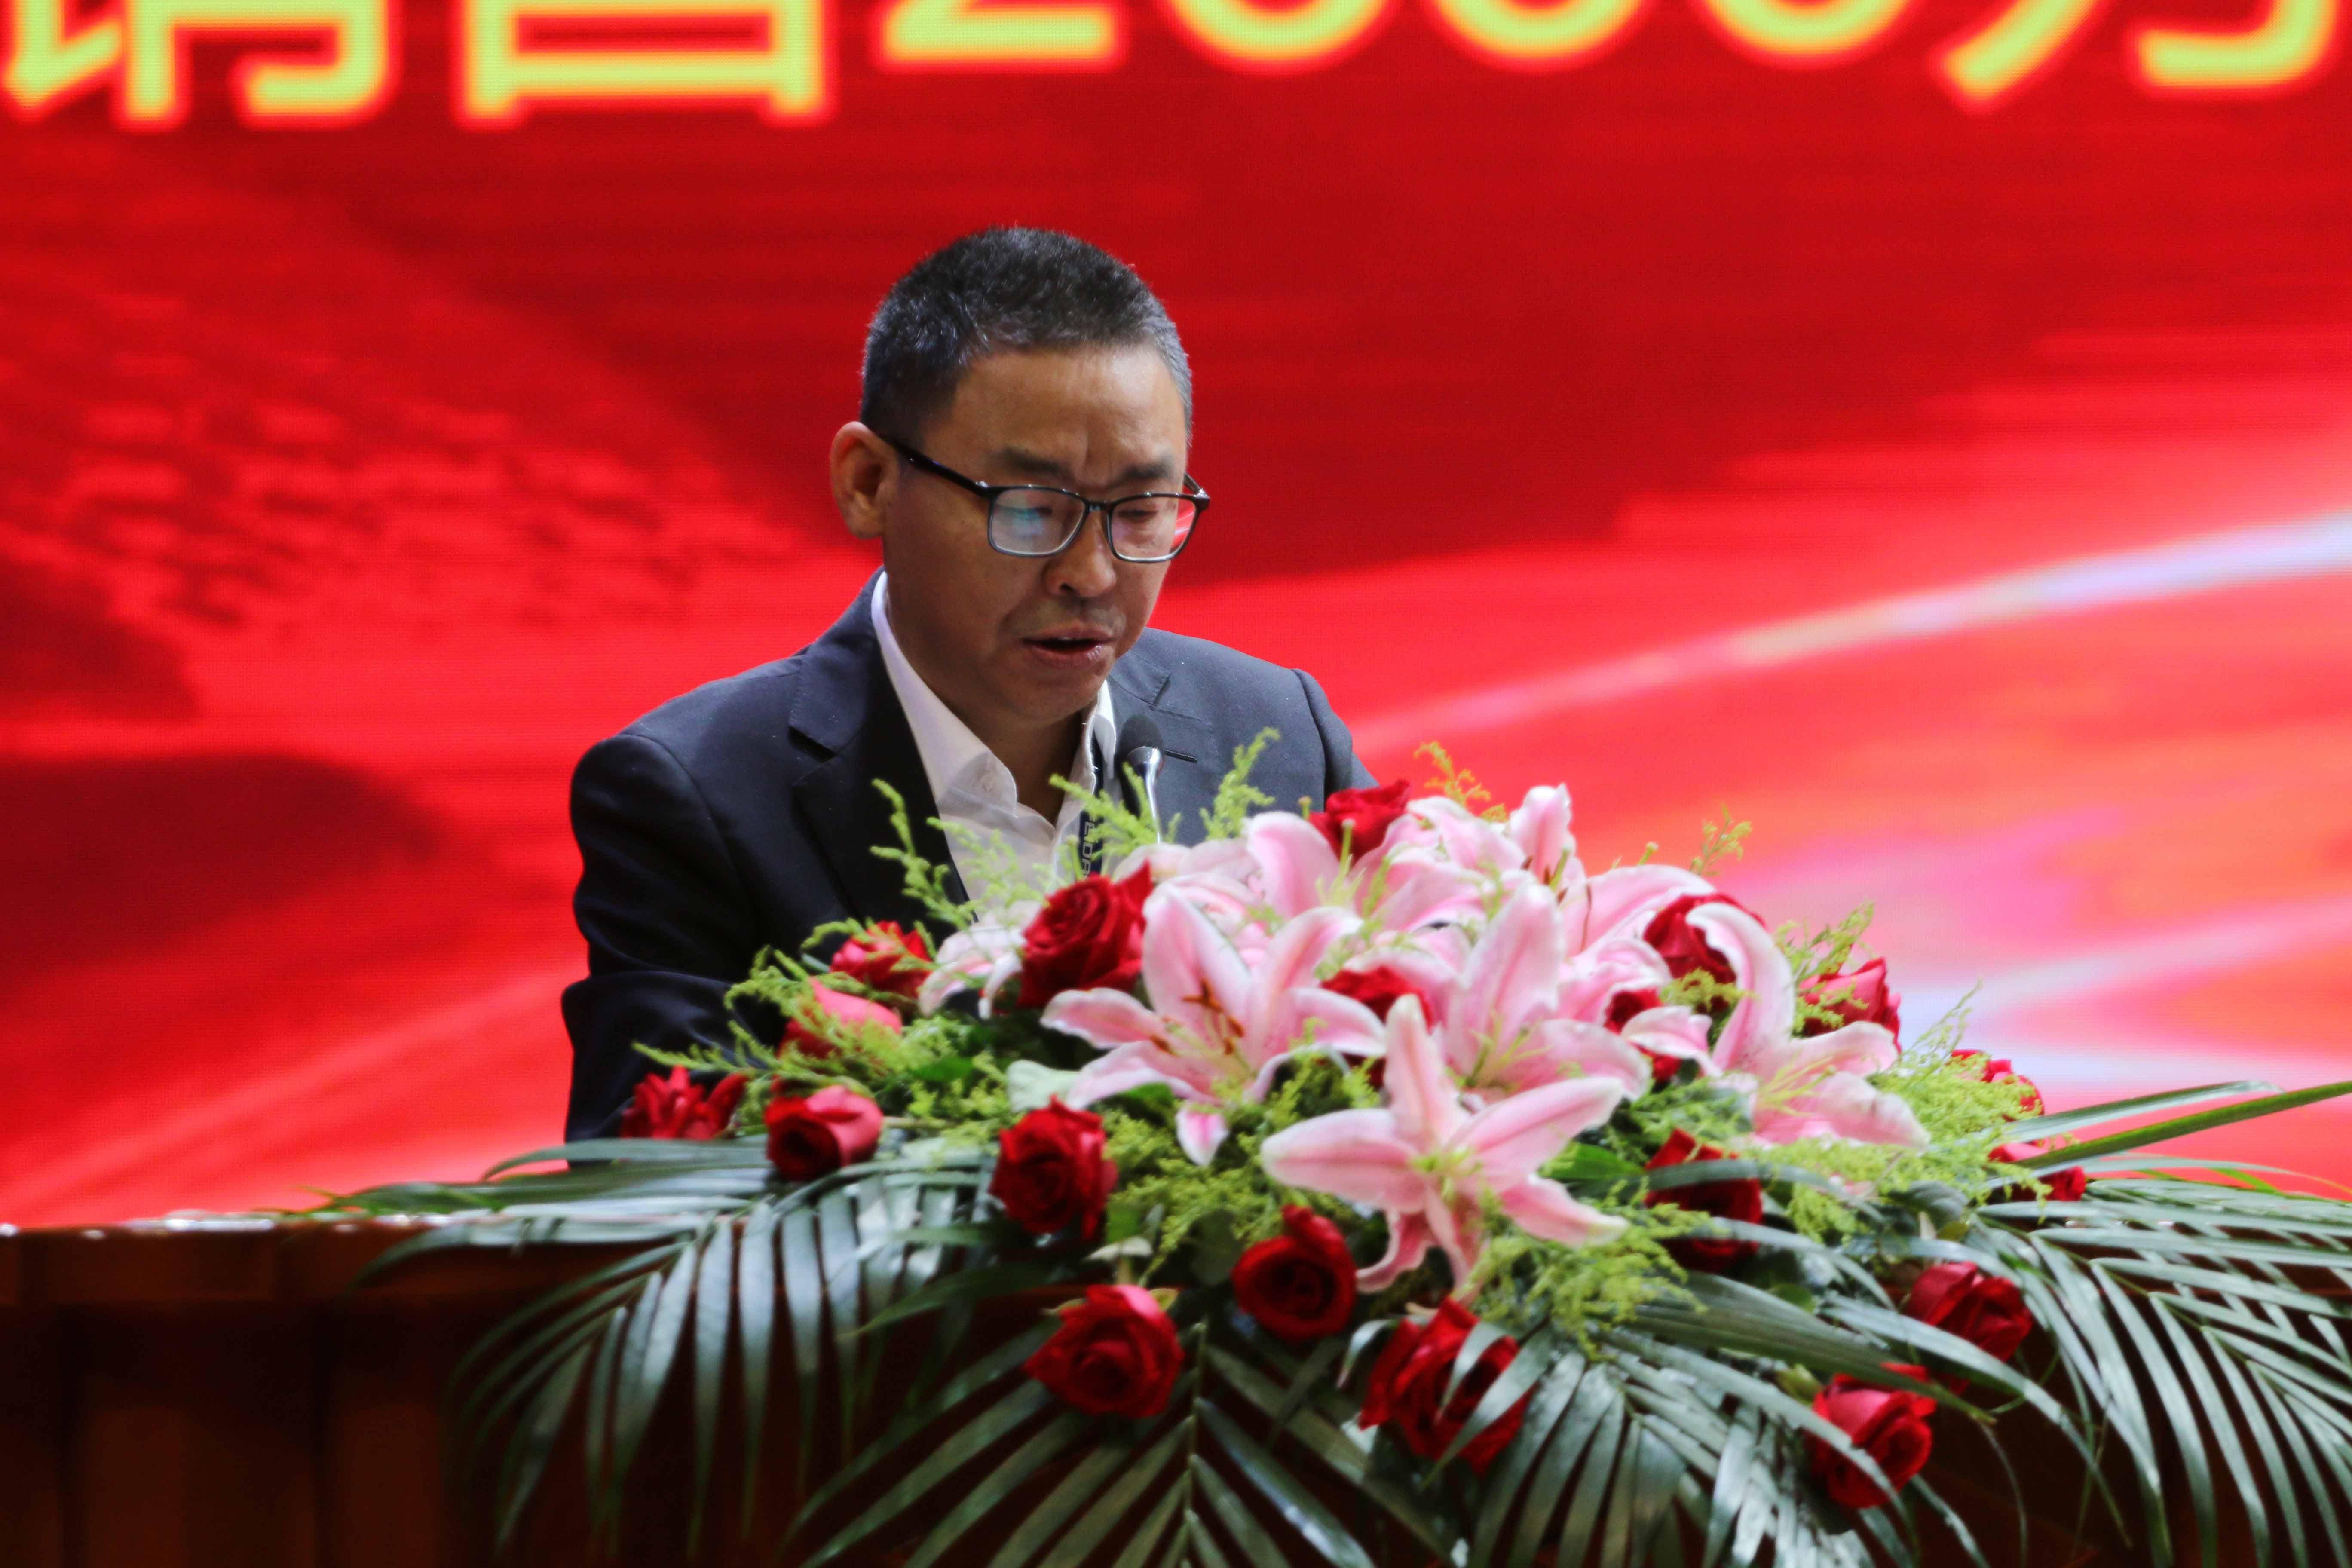 江苏飞达钻头股份有限公司总经理郭和平发言